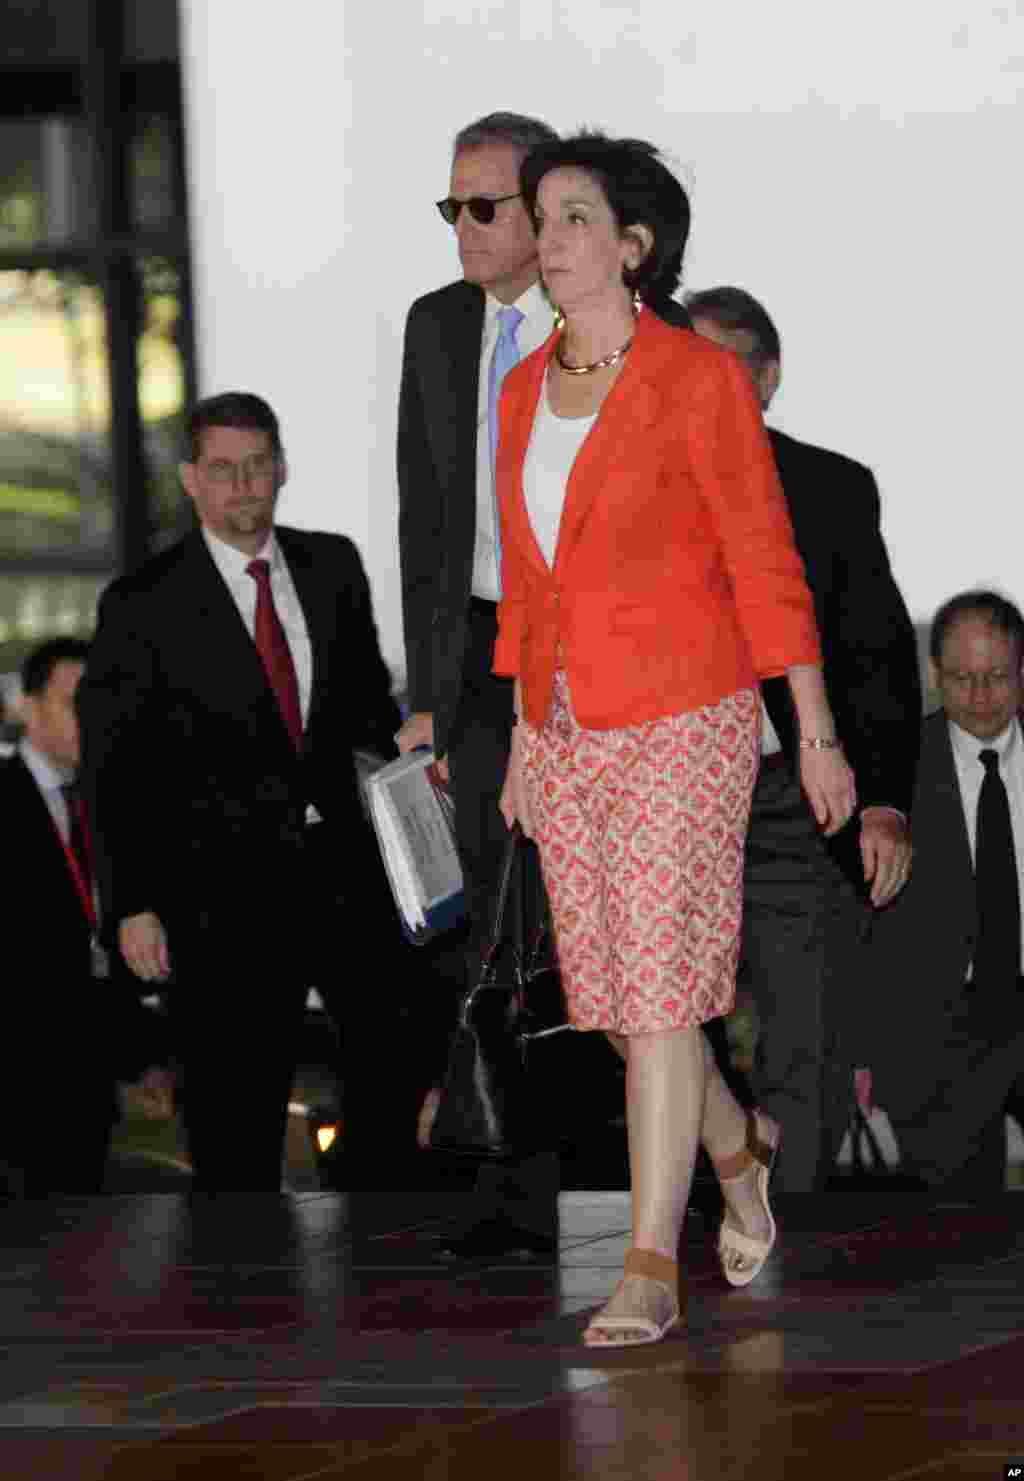 معاون وزير امور خارجه ايالات متحده آمريکا در امور نيمکره غربی، روبرتا جکوبسون، به همراه جفری دلارنتيس، رئيس دفتر حفاظت از منافع آمريکا در هاوانا (با کراوات آبی)، برای انجام دومين روز گفتگوها وارد هاوانا می شوند-- ۲ بهمن ۱۳۹۳ (۲۲ ژانويه ۲۰۱۵)